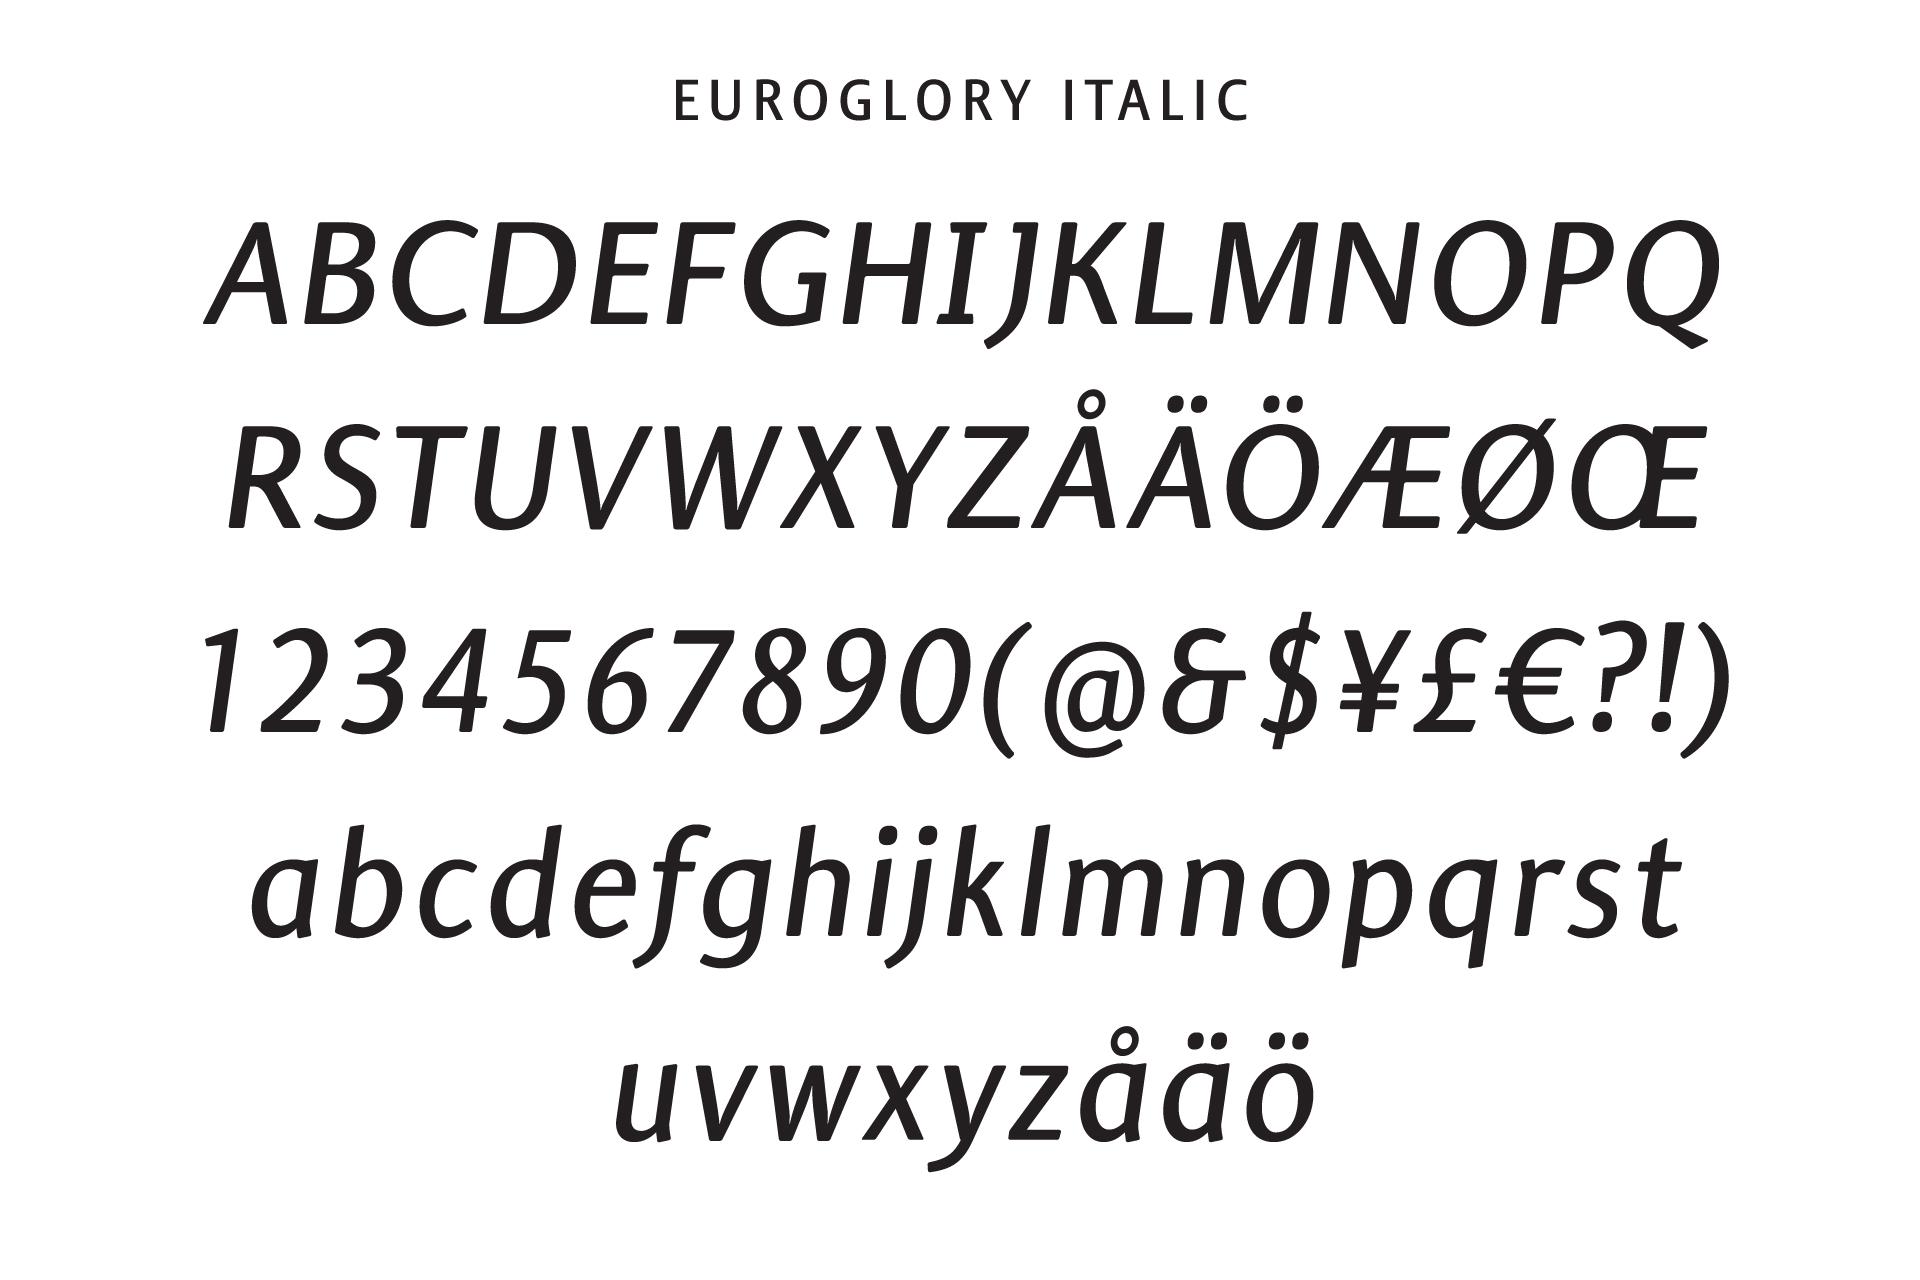 Euroglory_PAGE-5